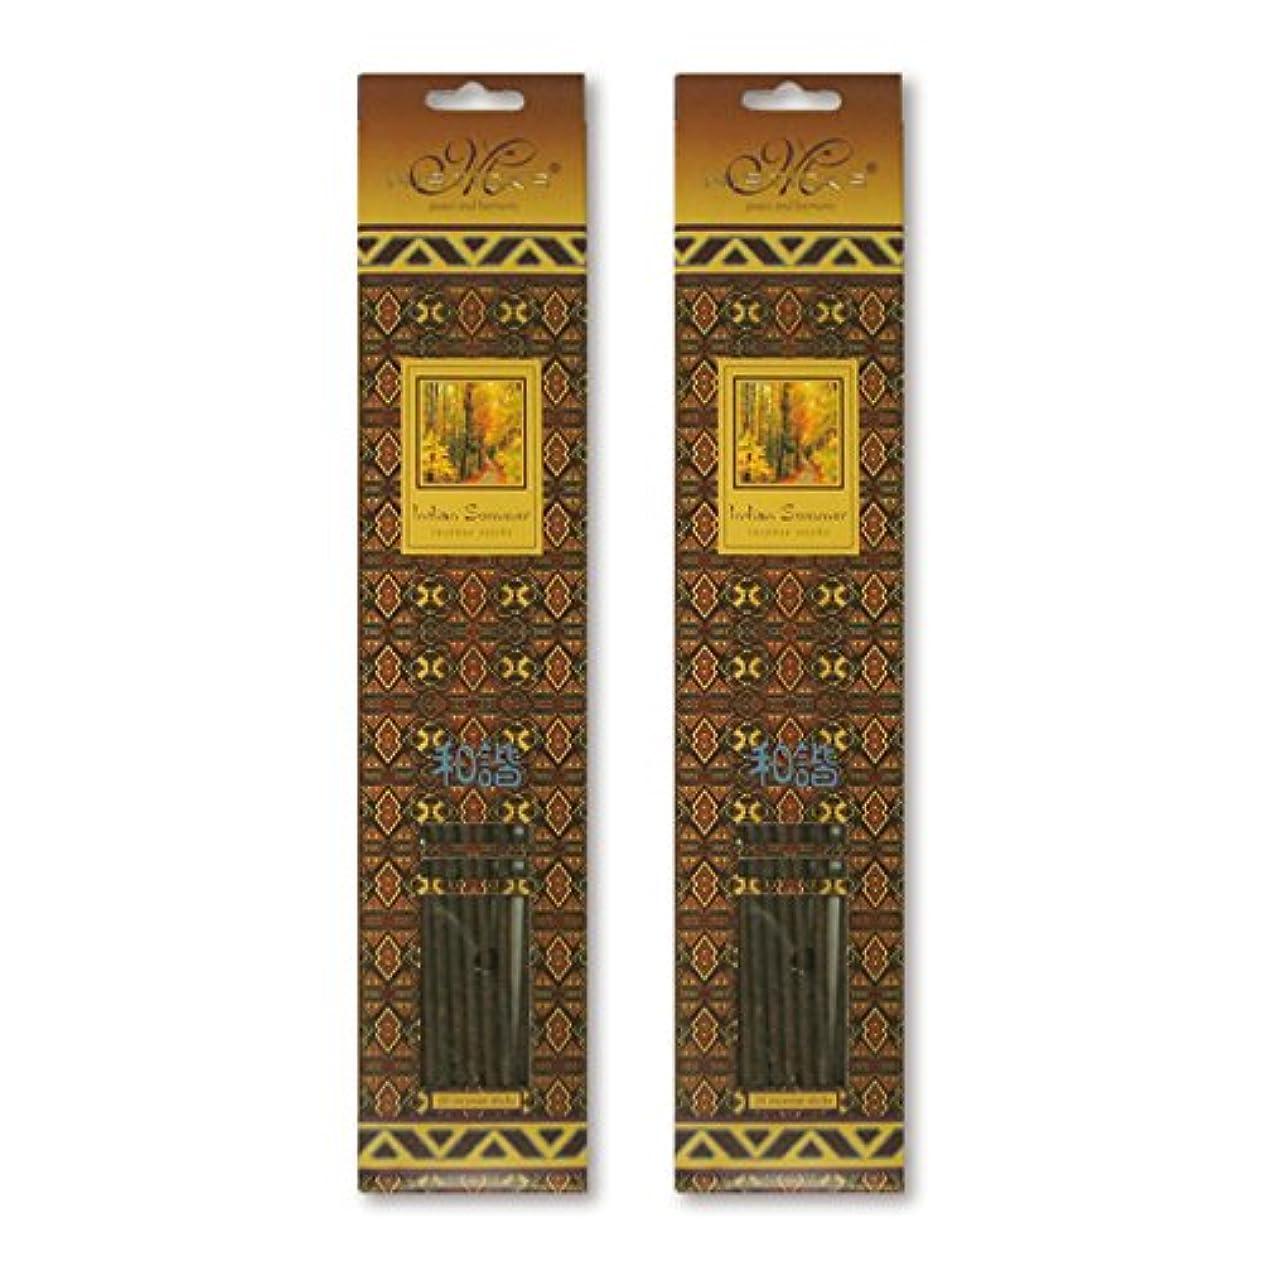 血まみれ鋭く葉を集めるMISTICKS ミスティックス Indian Summer インディアンサマー お香 20本 X 2パック (40本)